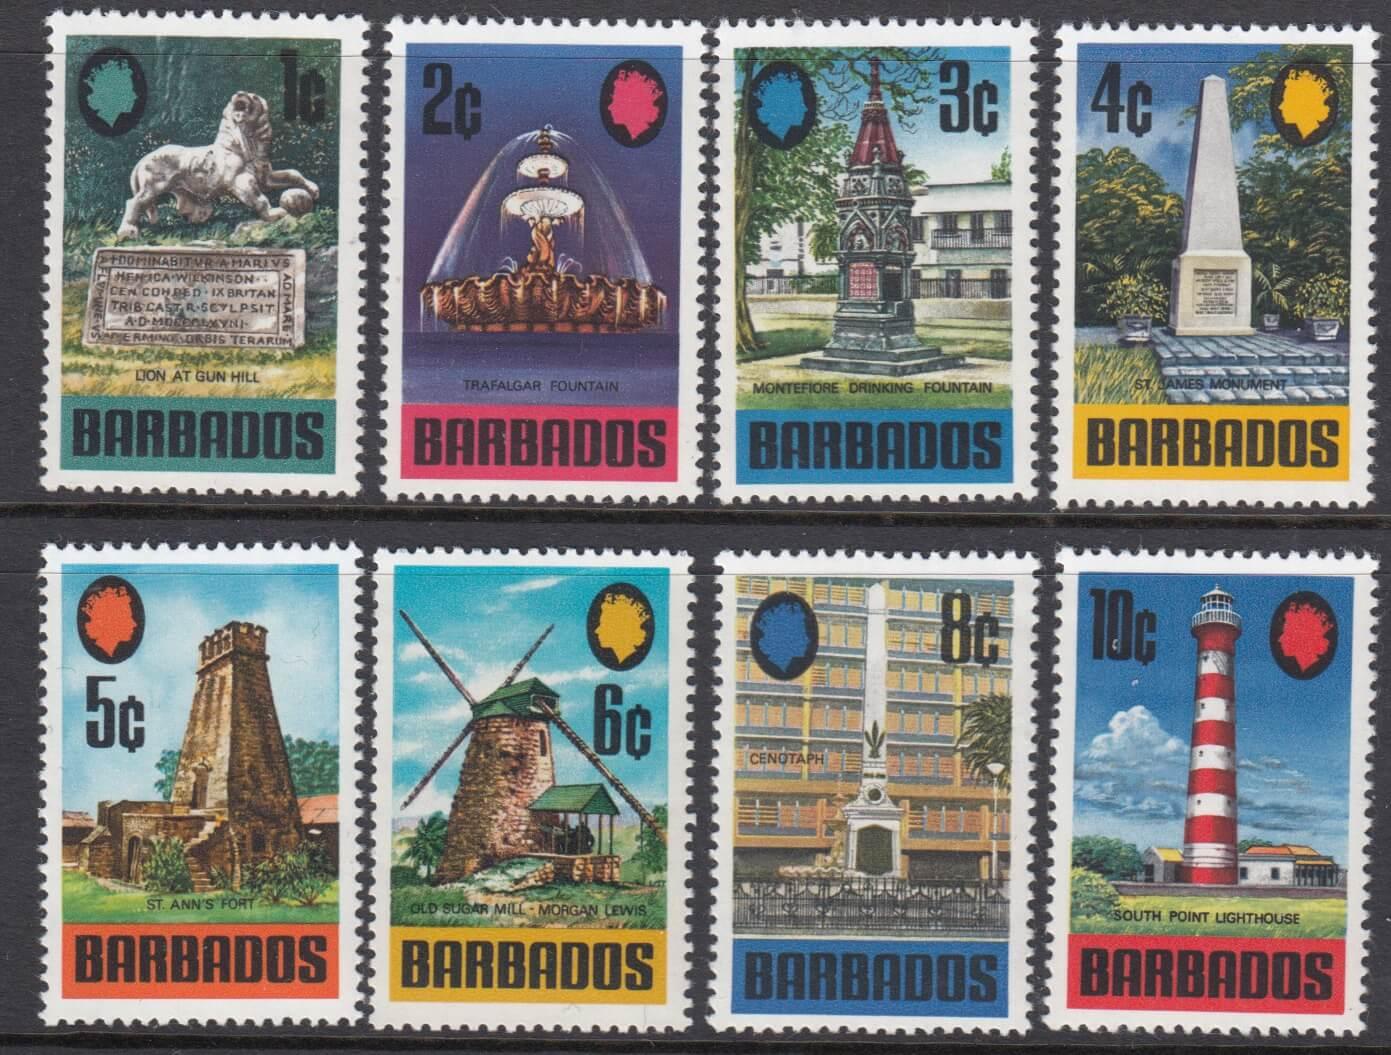 Barbados SG399-414 | Landmarks of Barbados Definitives 1970-71 - Low Values